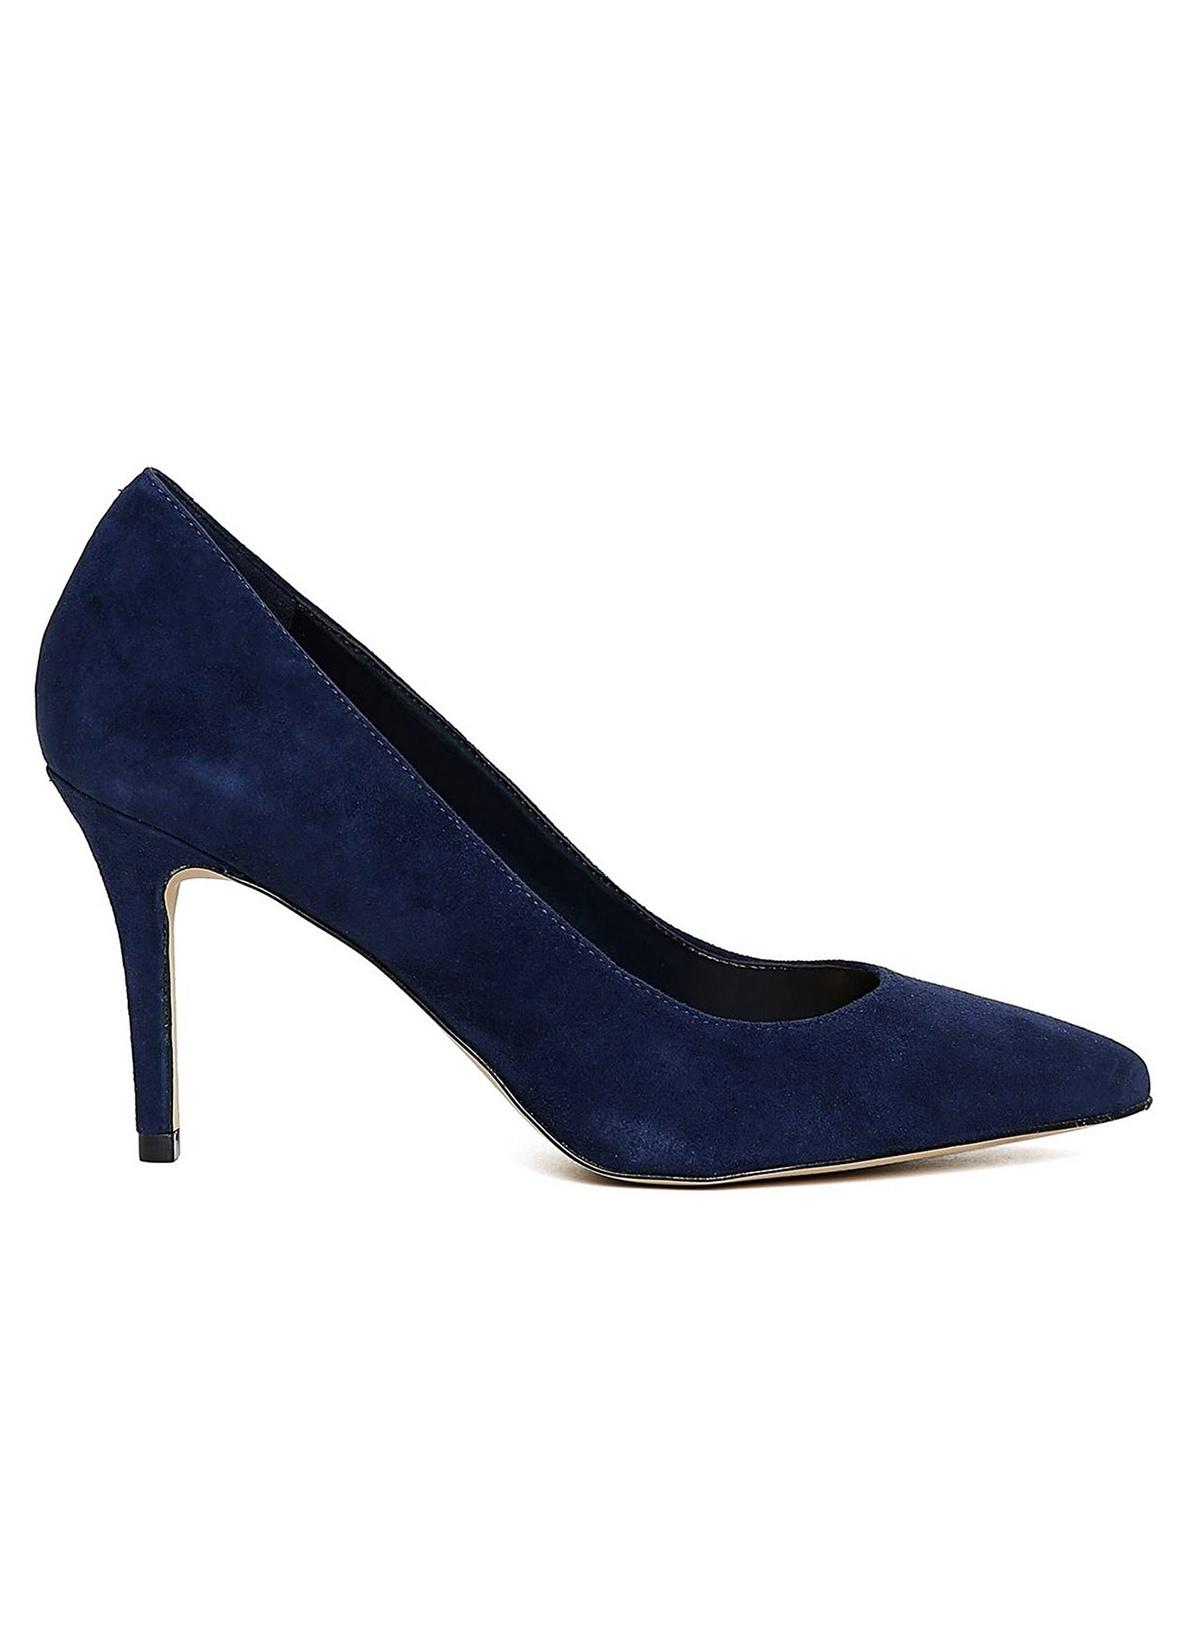 058d8086f5201 Aldo Kadın İnce Topuklu Ayakkabı Lacivert Süet   Morhipo   19884455